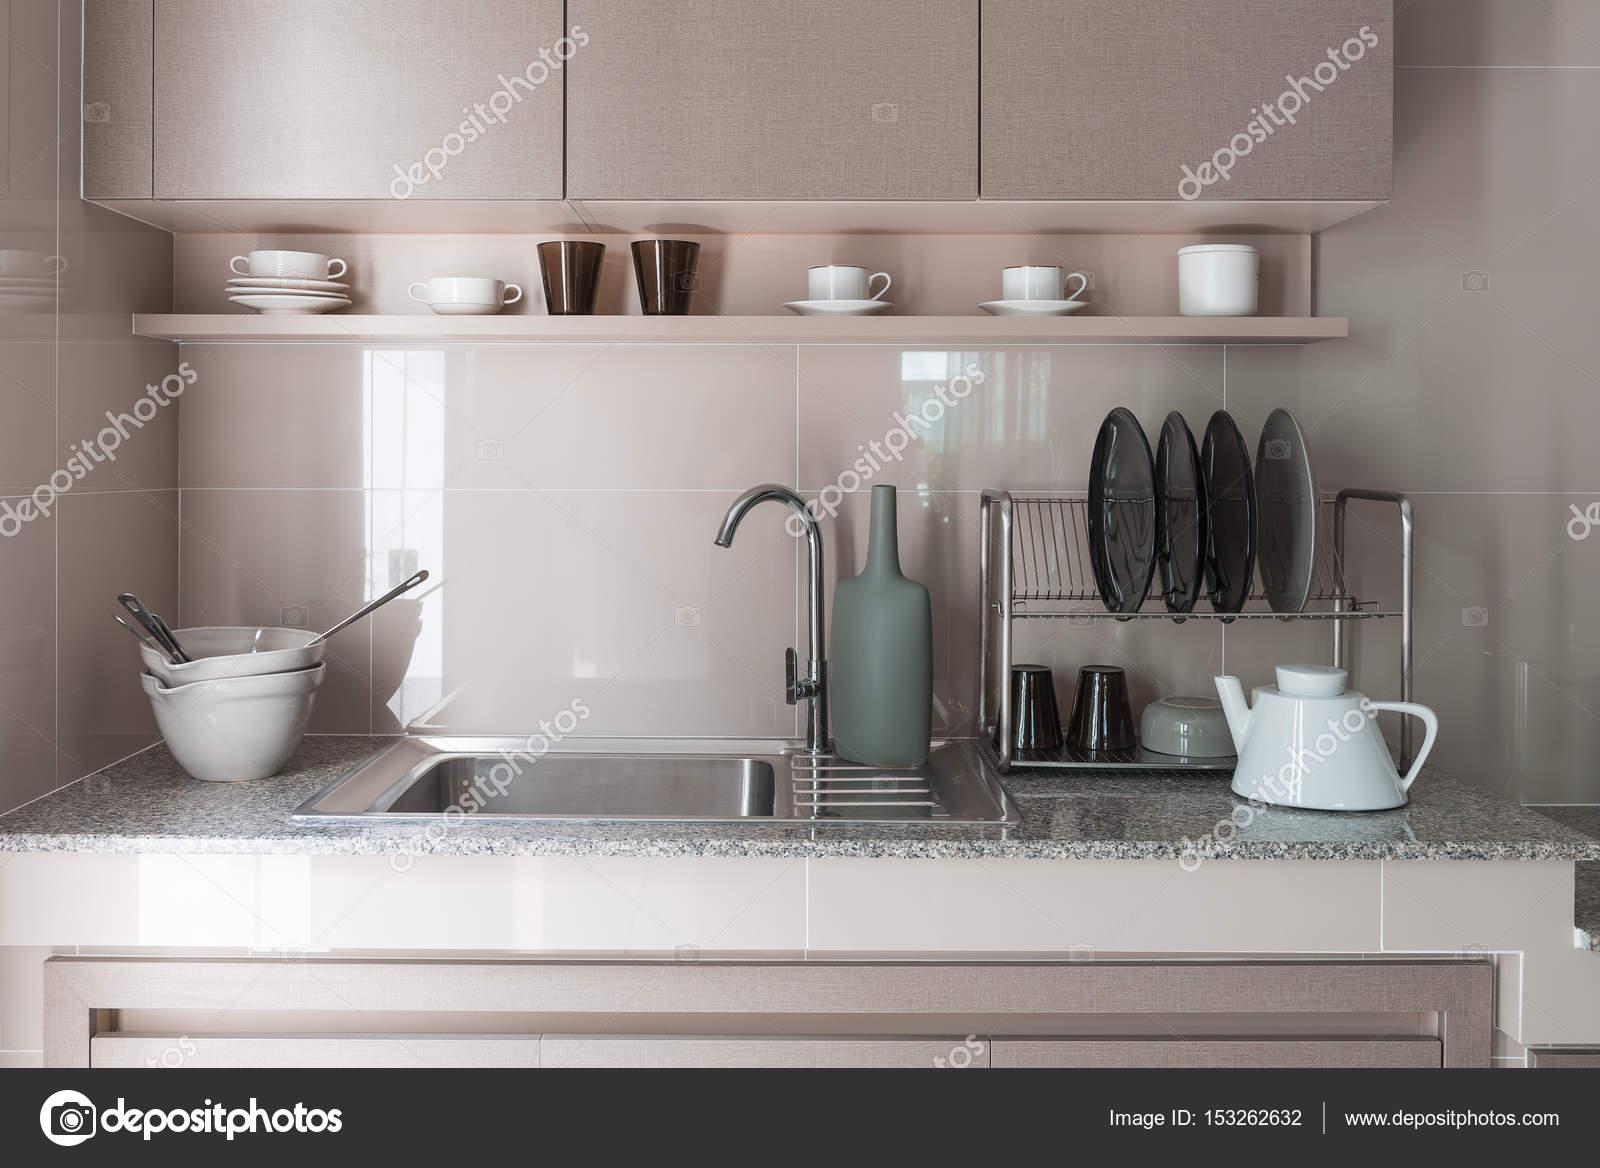 fregadero de acero inoxidable con grifería de cocina — Fotos de ...